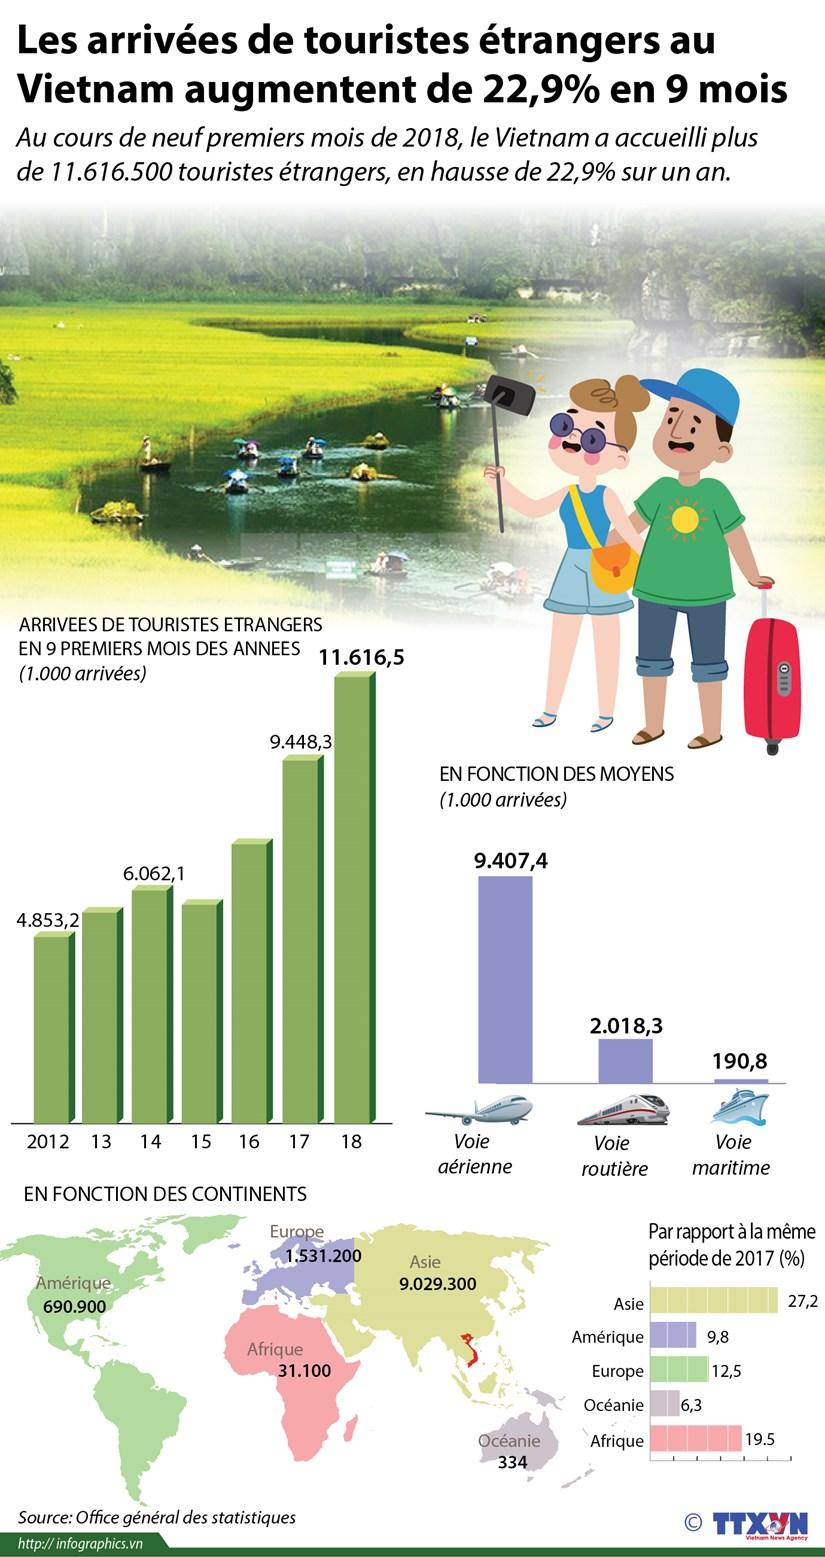 [infographie] Les arrivees de touristes etrangers au Vietnam augmentent de 22,9% en 9 mois hinh anh 1